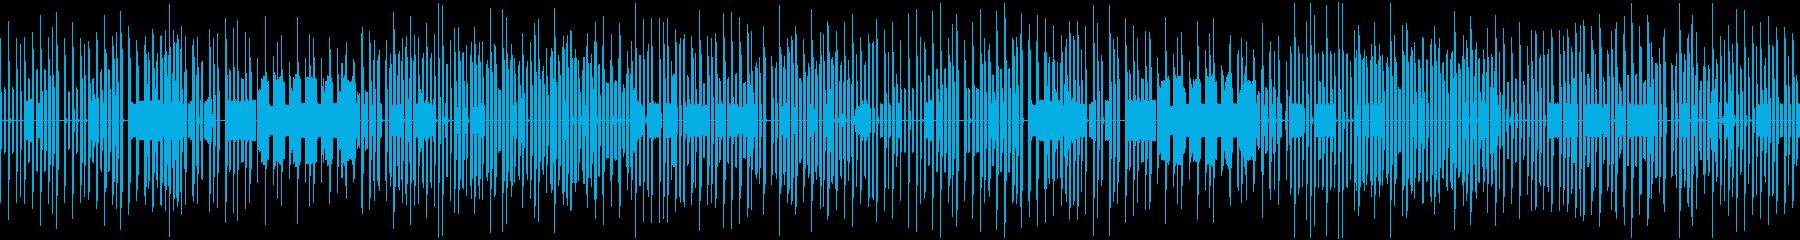 まぬけな雰囲気のチップチューンの再生済みの波形